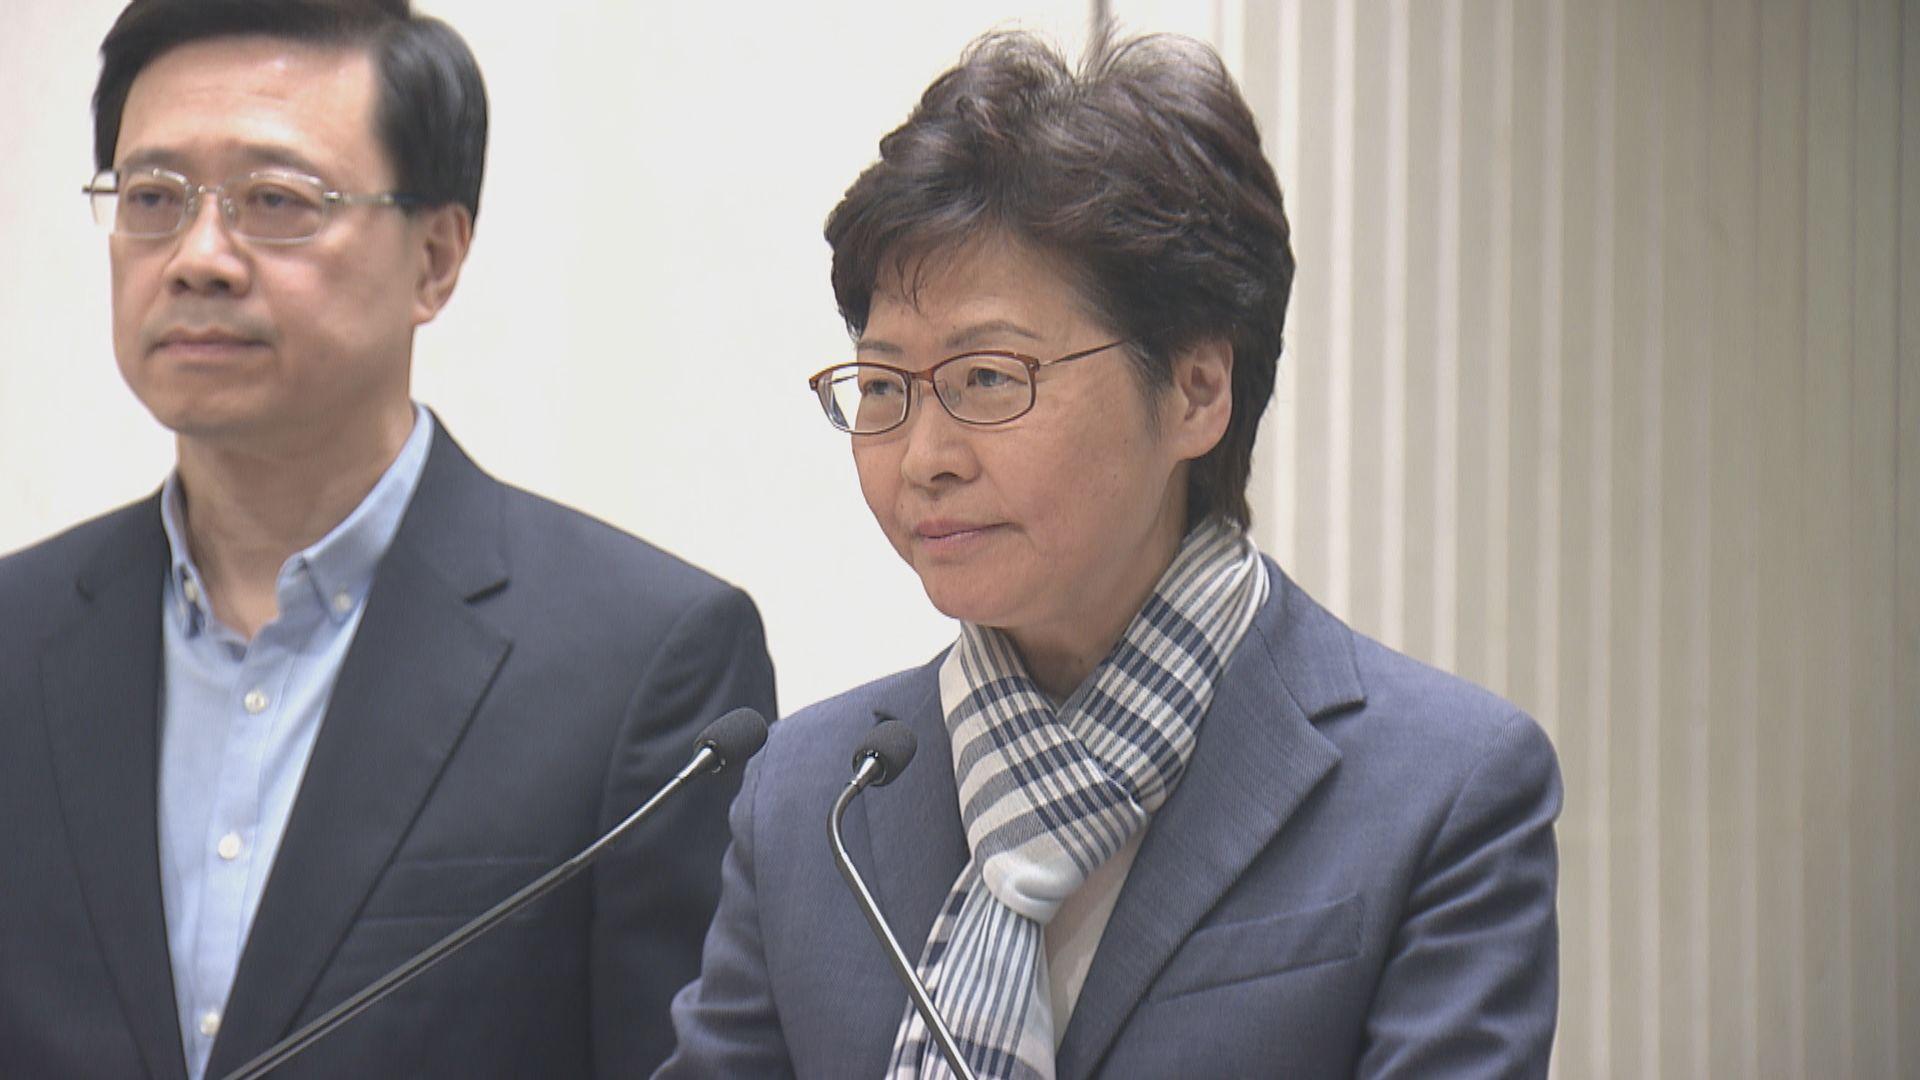 林鄭:示威者行為不會得逞 一定不能爭取訴求